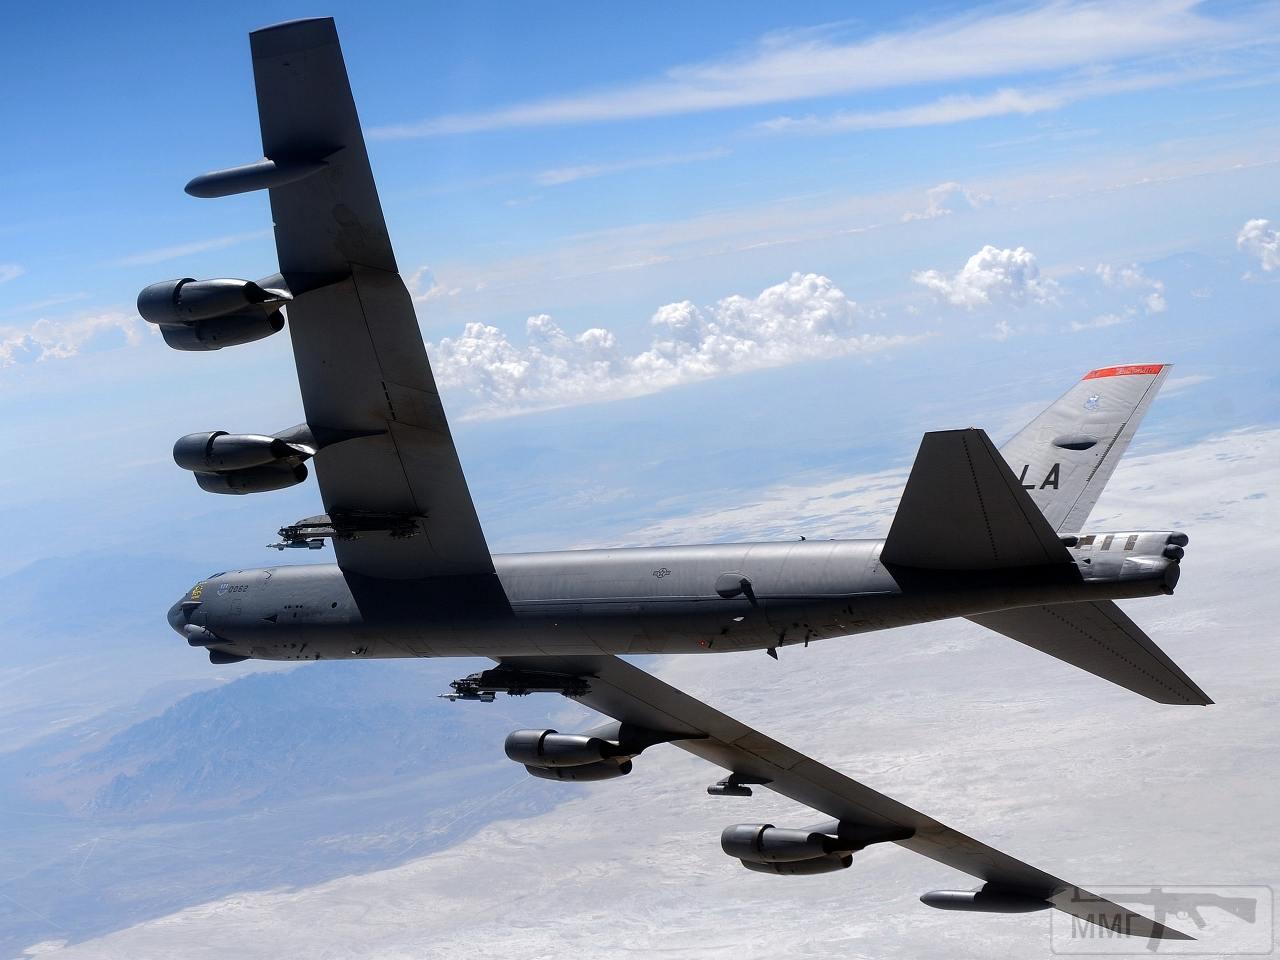 28314 - Красивые фото и видео боевых самолетов и вертолетов